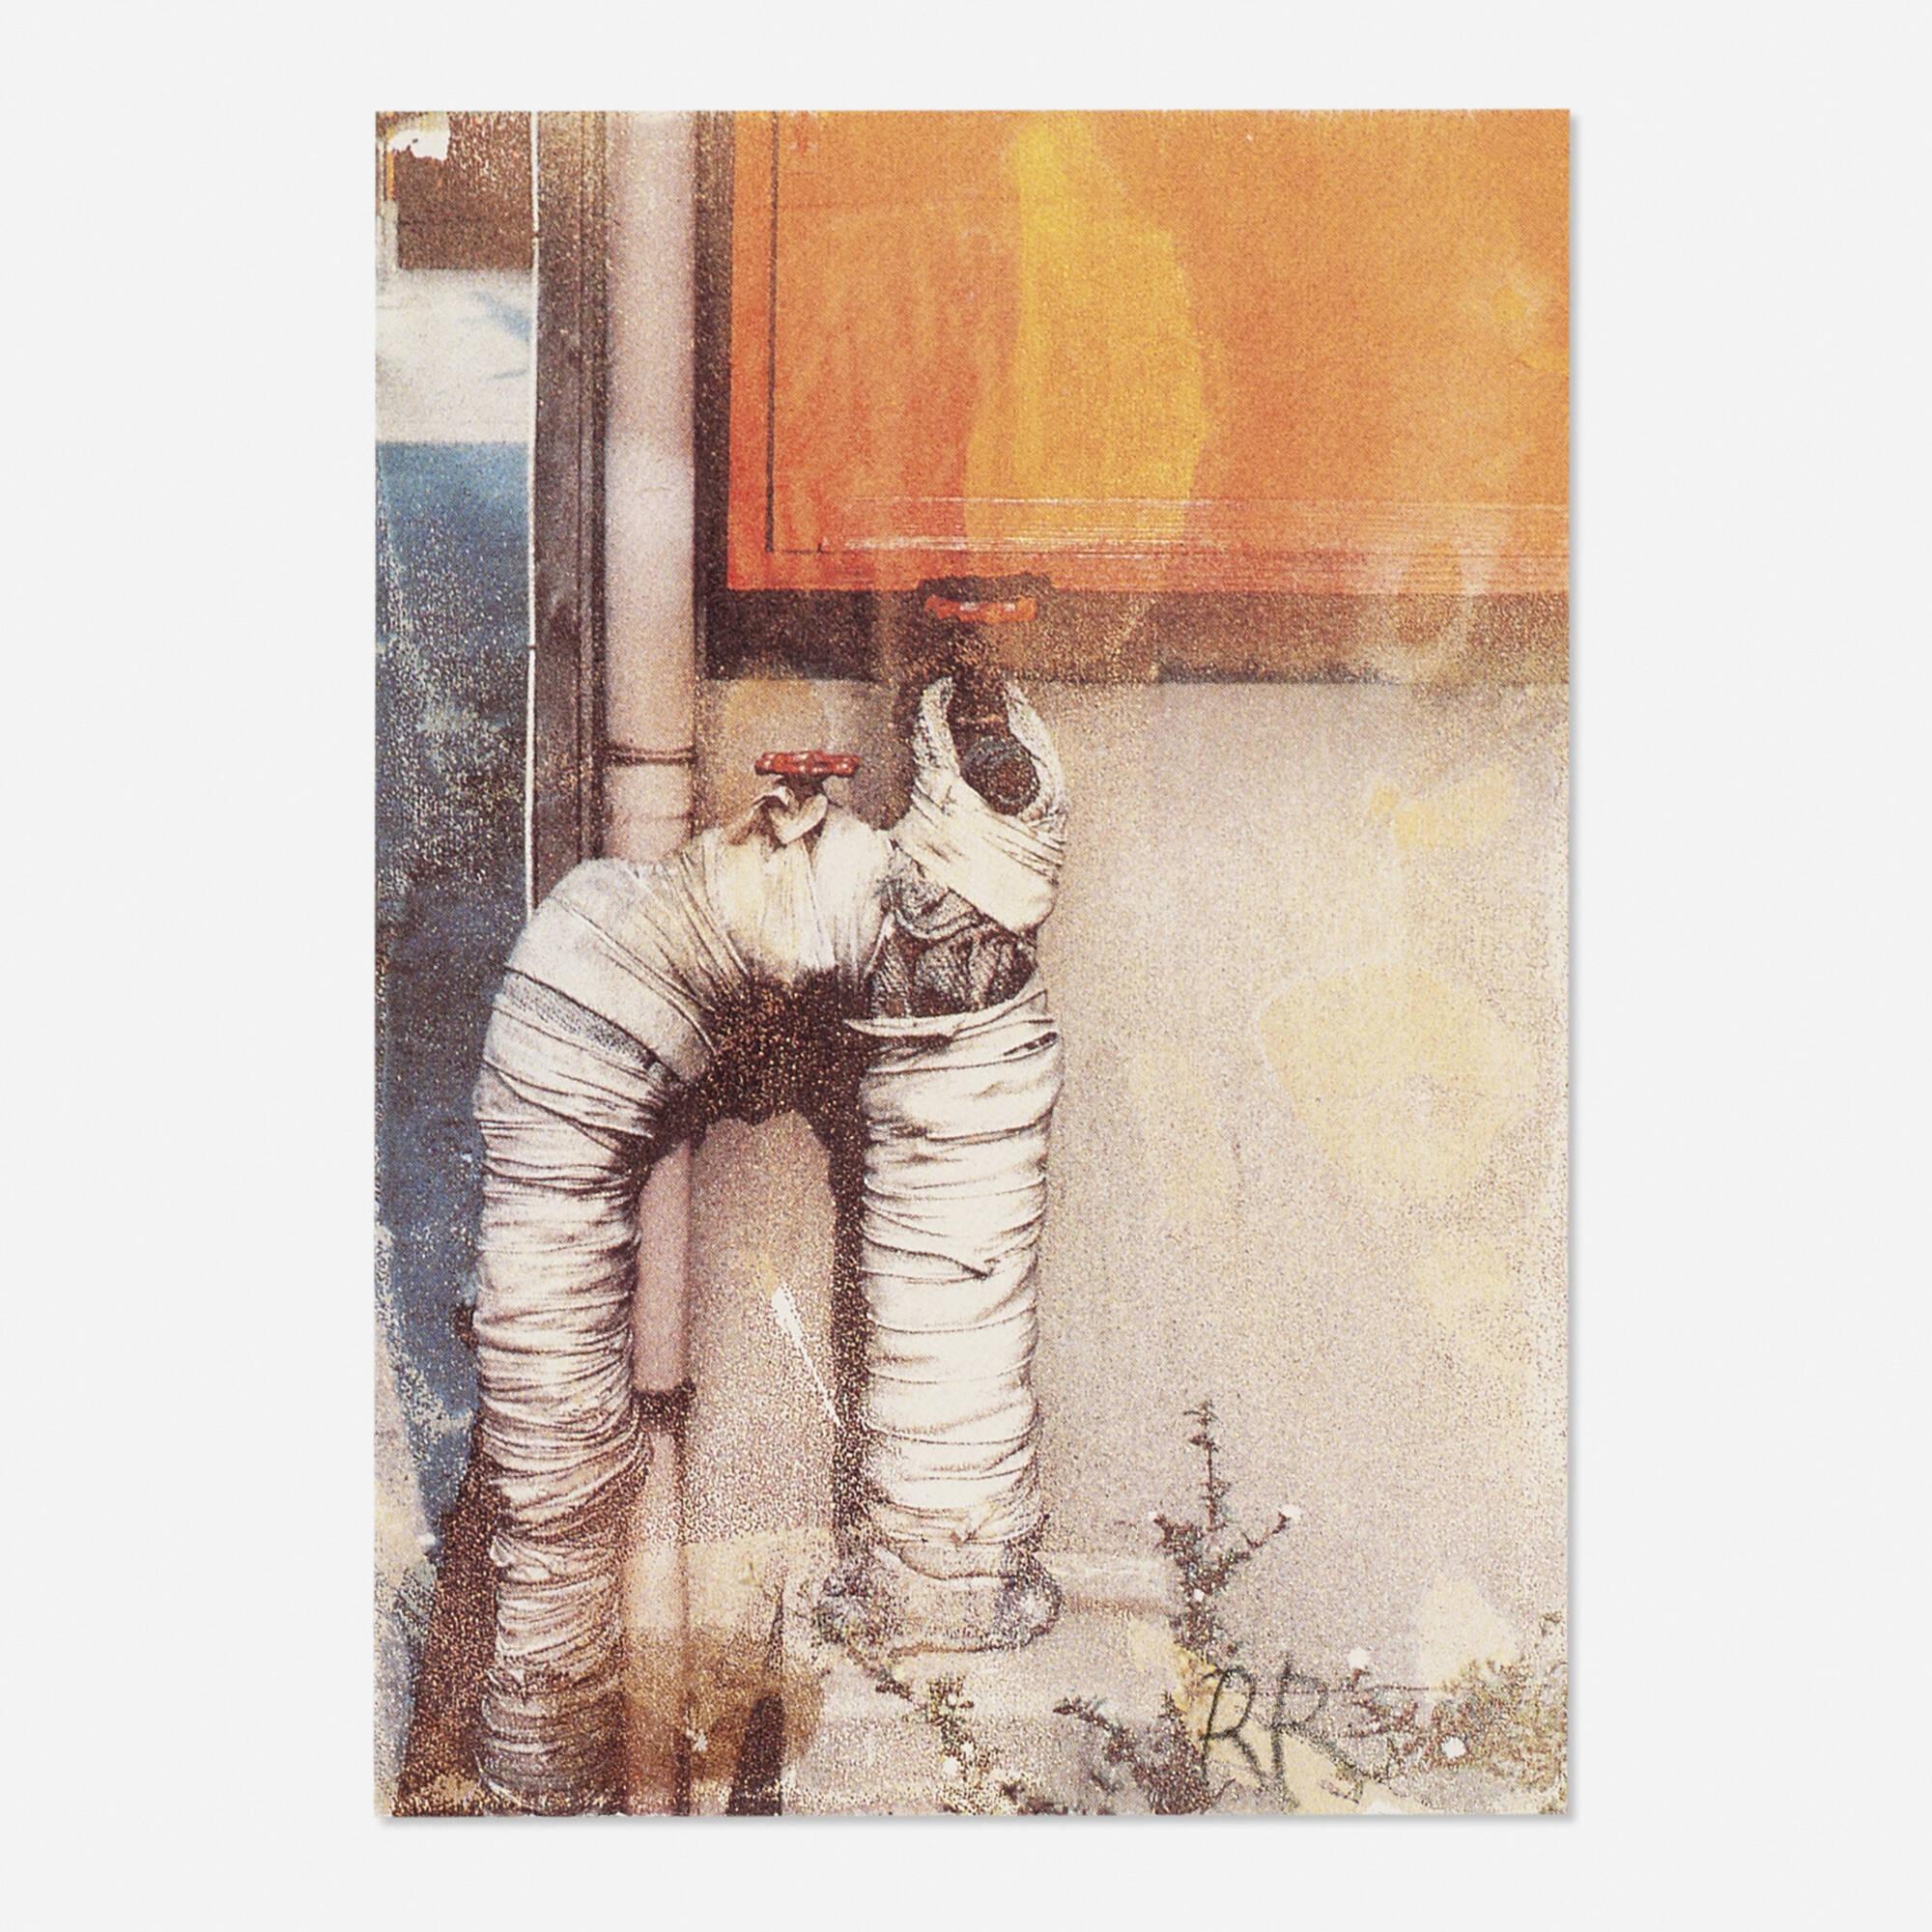 186: Robert Rauschenberg / Tap (1 of 1)